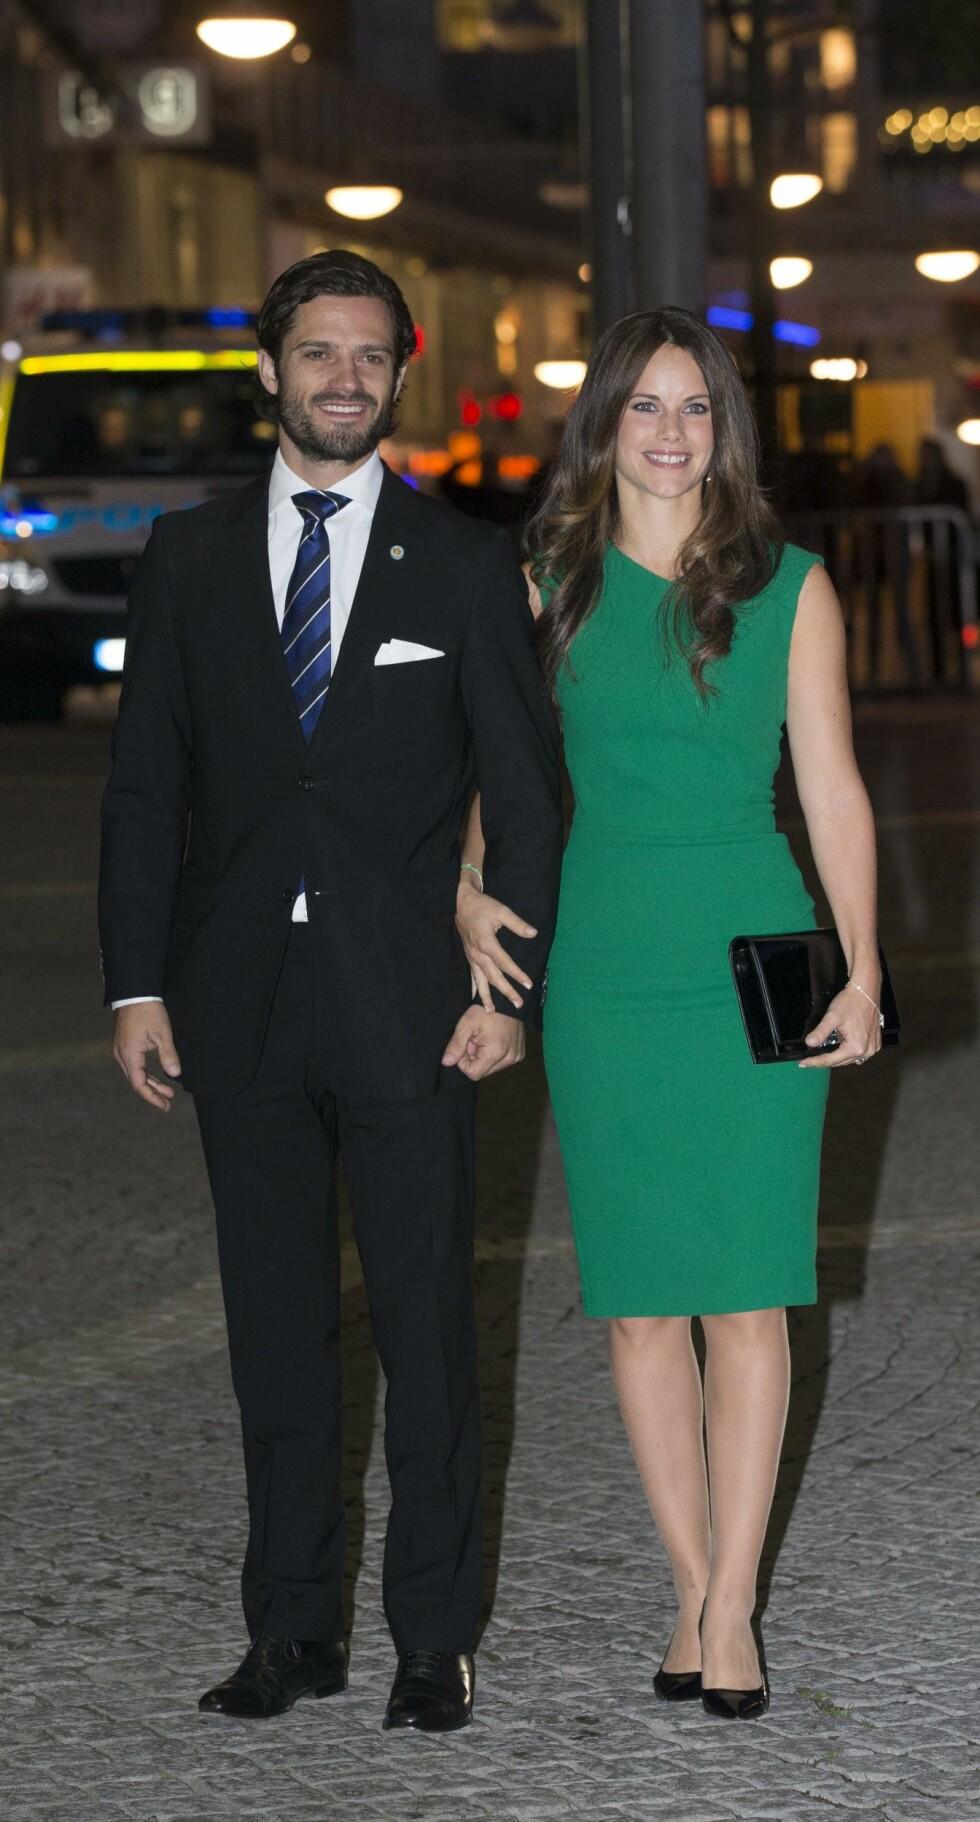 HØSTEN 2014: Sofia Hellqvist gikk også for en fargesterk kjole da hun og Carl Philip var på konsert i Stockholms konserthus i slutten av september.  Foto: Aftonbladet